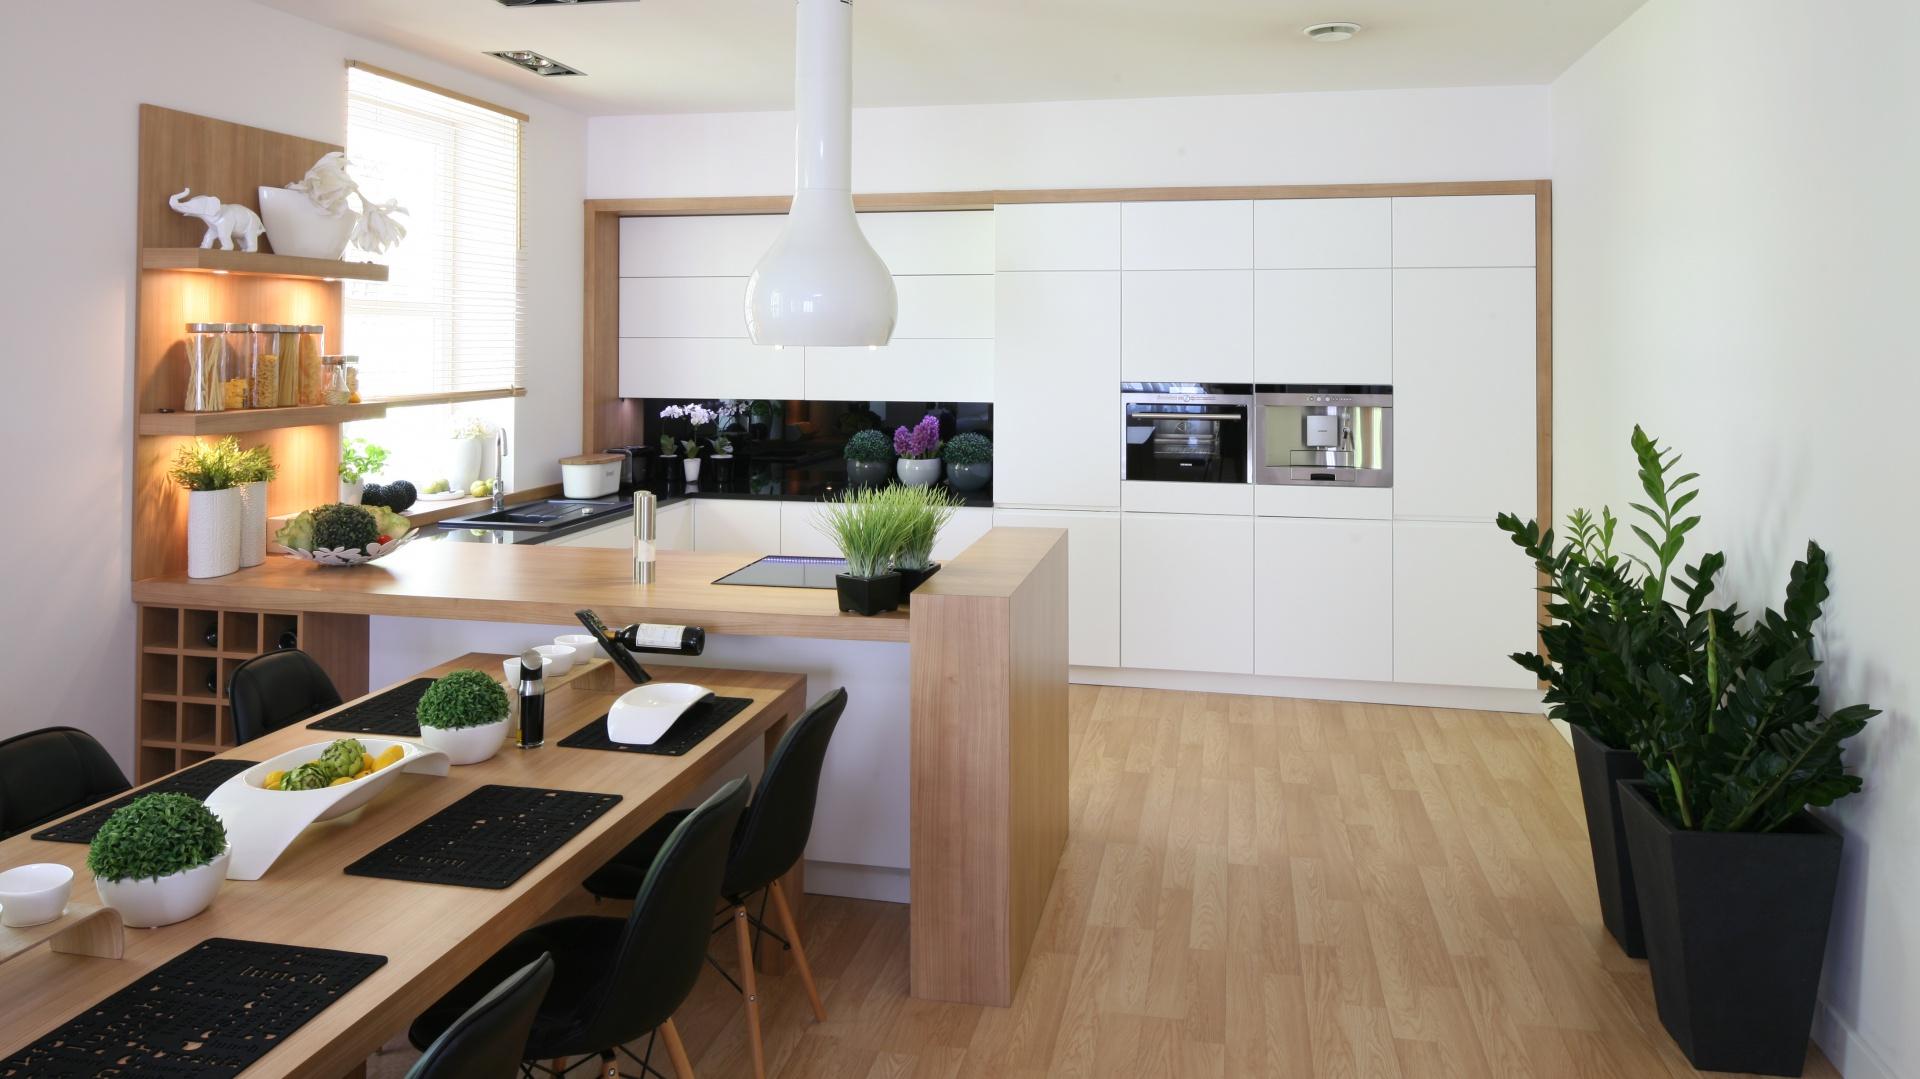 Biała Kuchnia Ocieplona Drewnem Zobaczcie Projekty Z